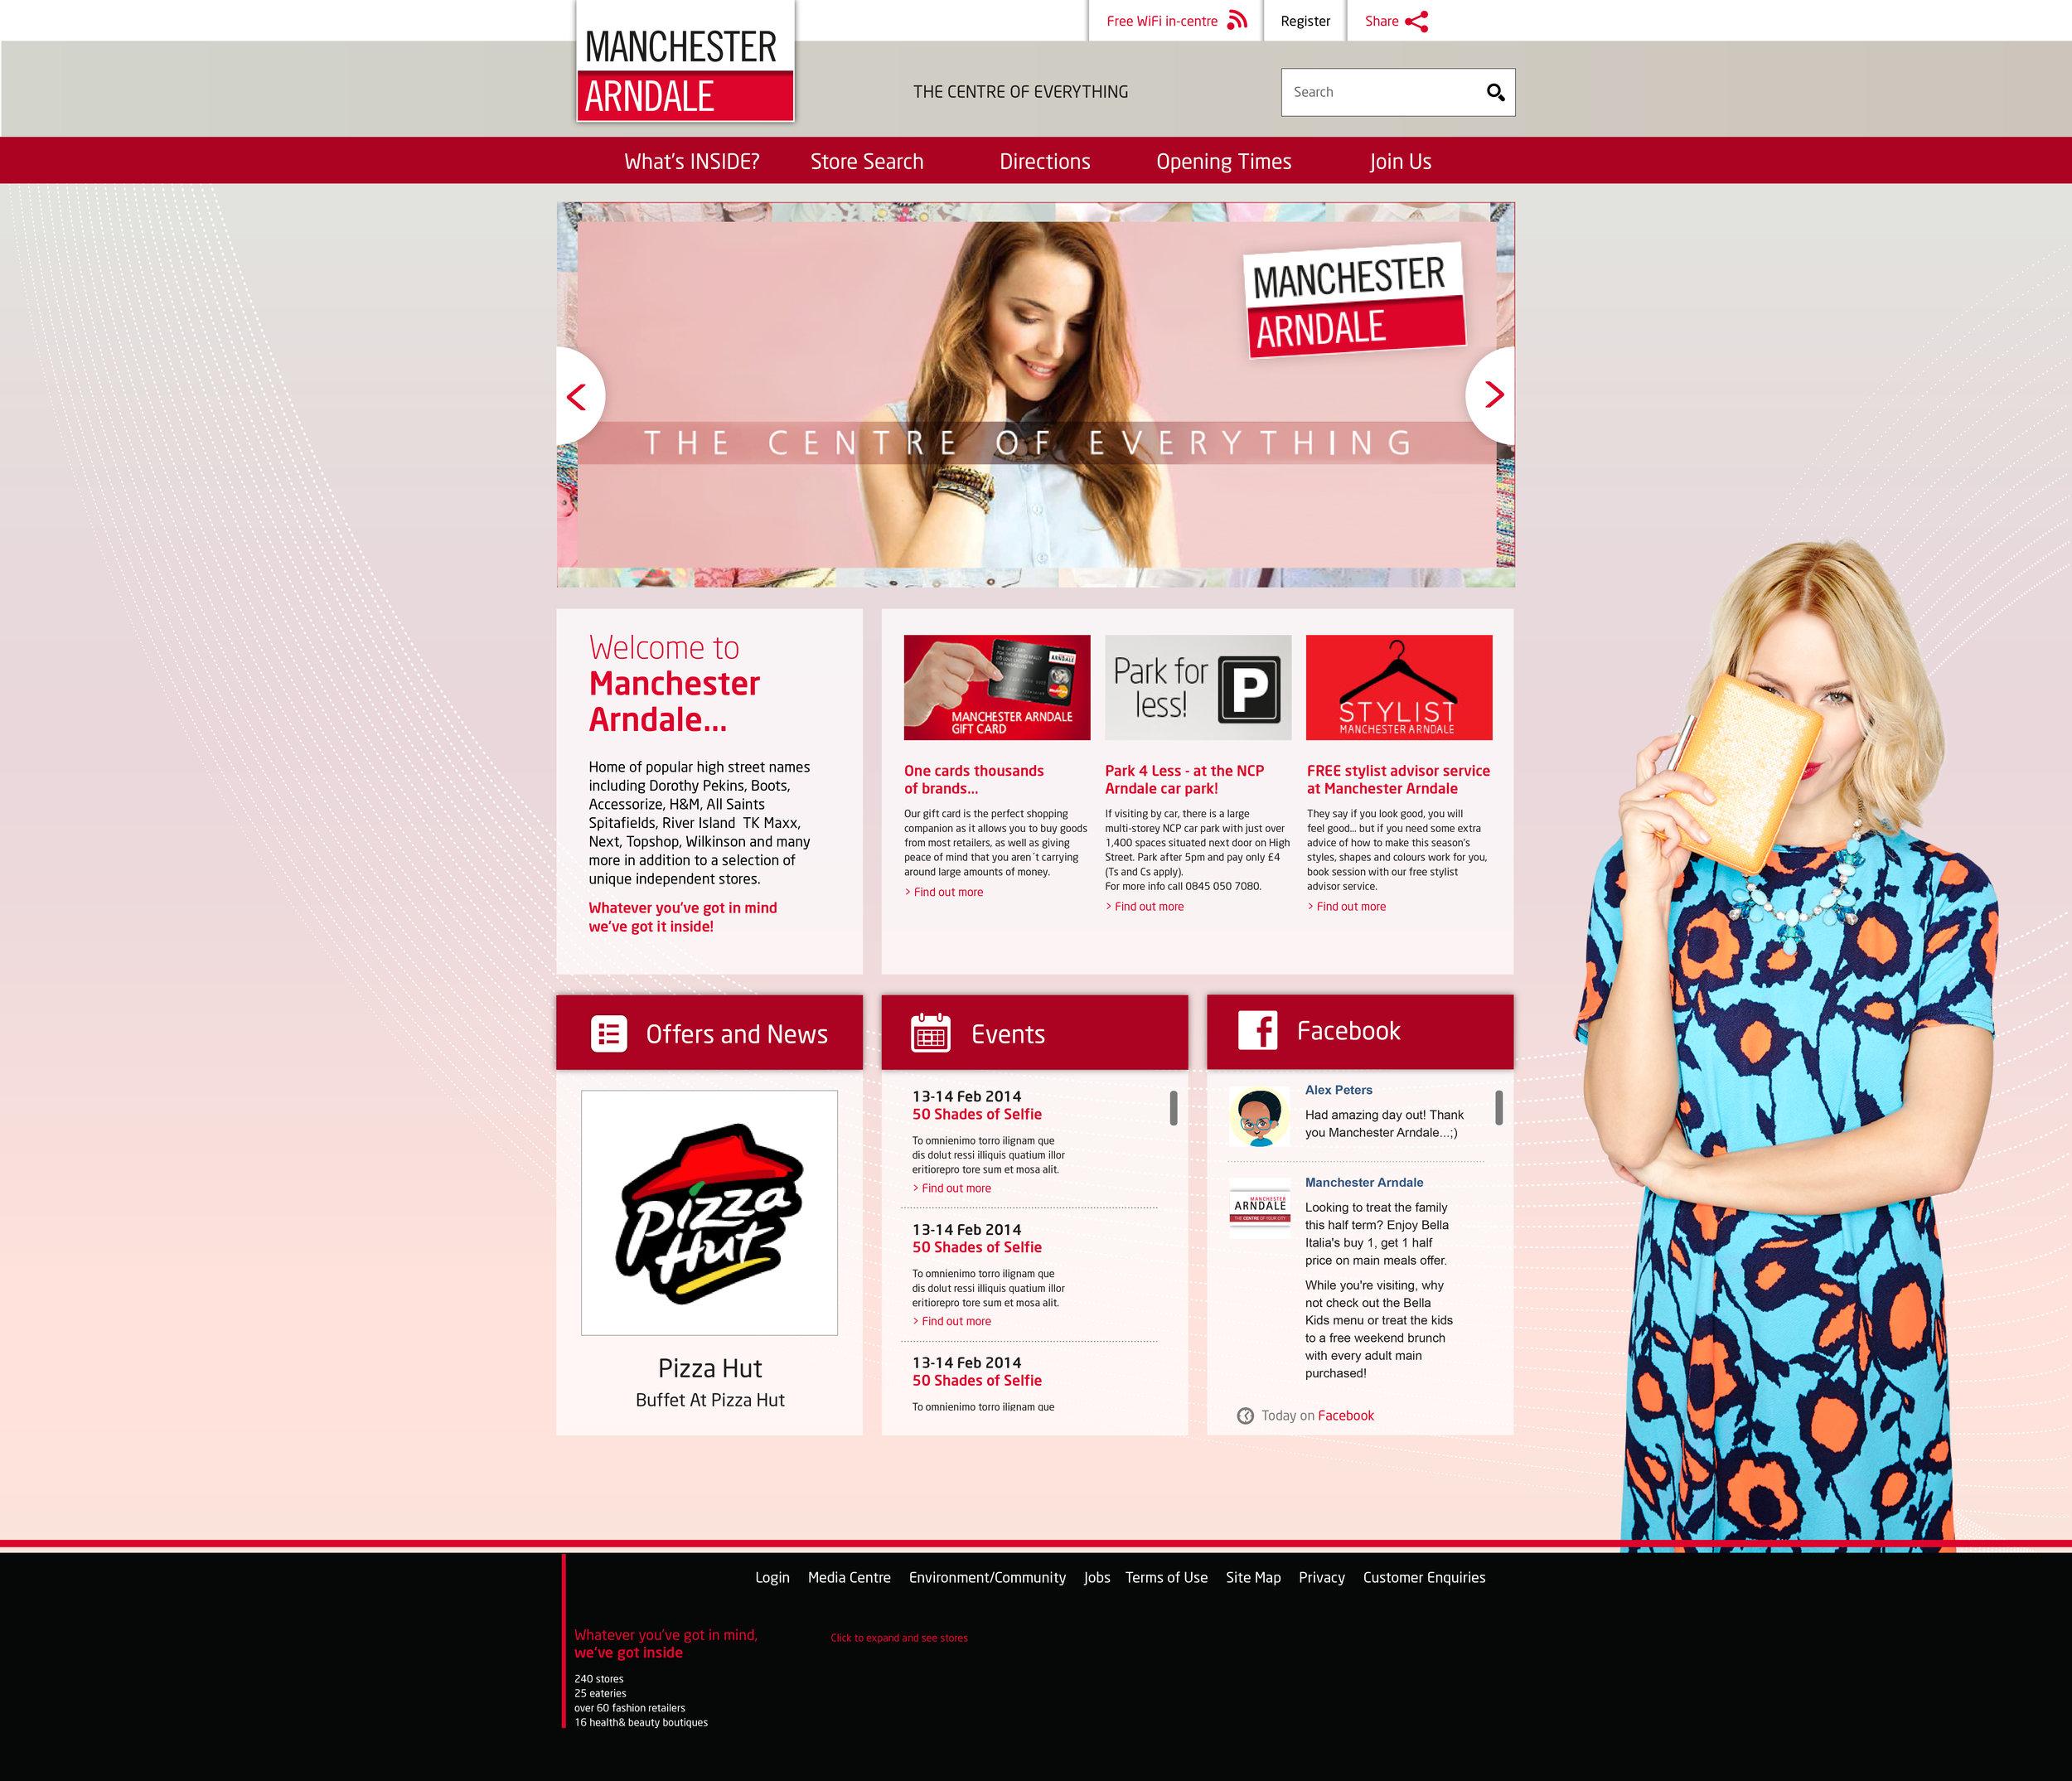 MA_Homepage2-01.jpg